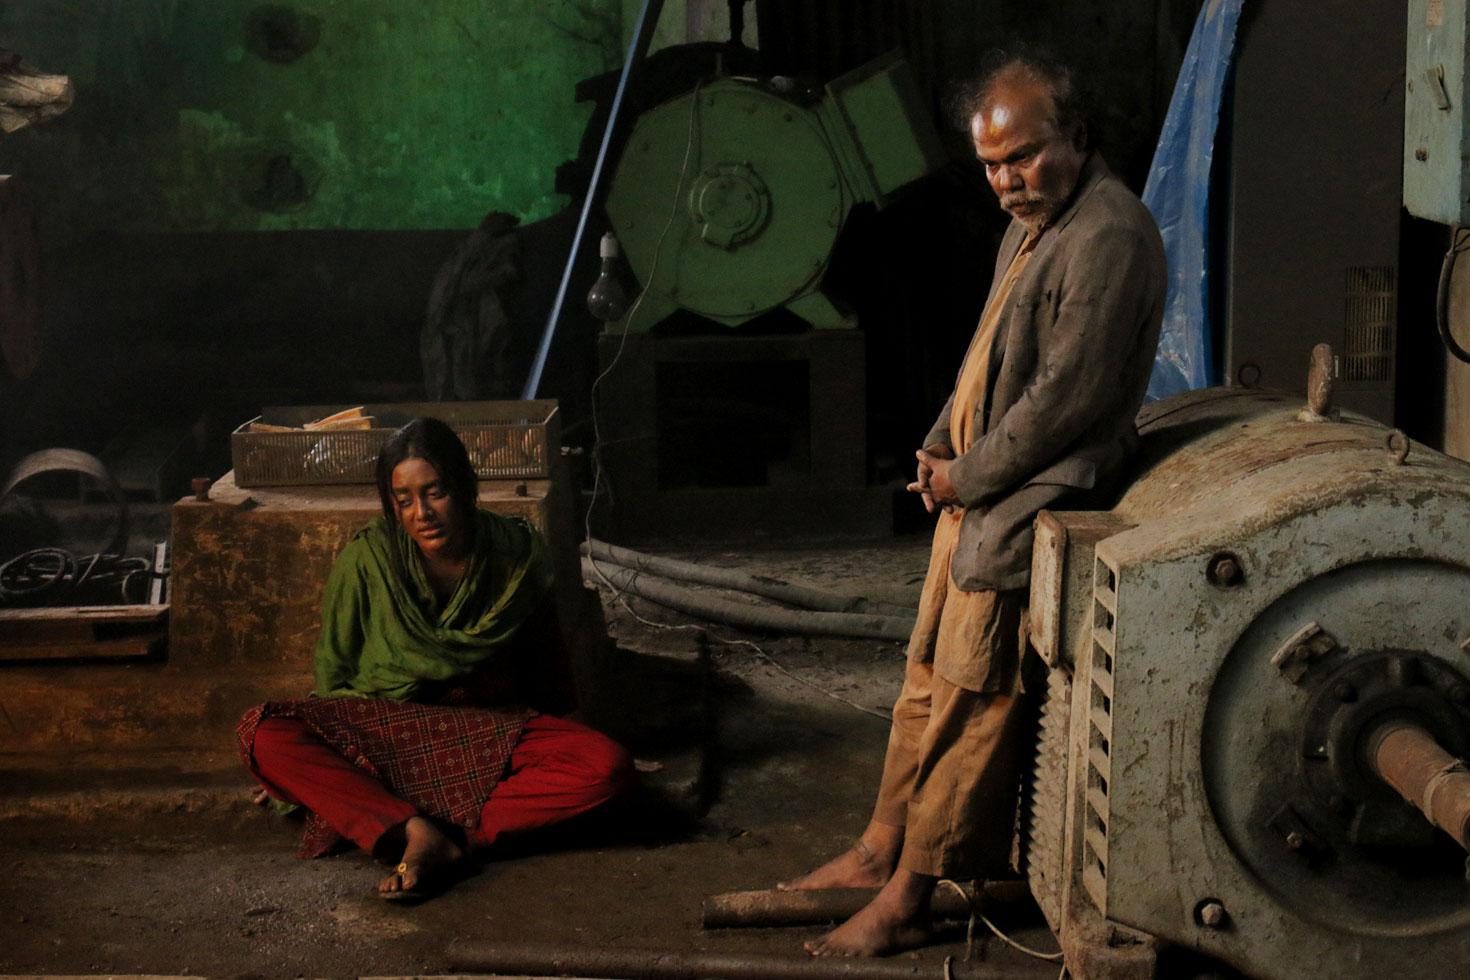 রাফির নতুন সিনেমা 'খাঁচার ভেতর অচিন পাখি'